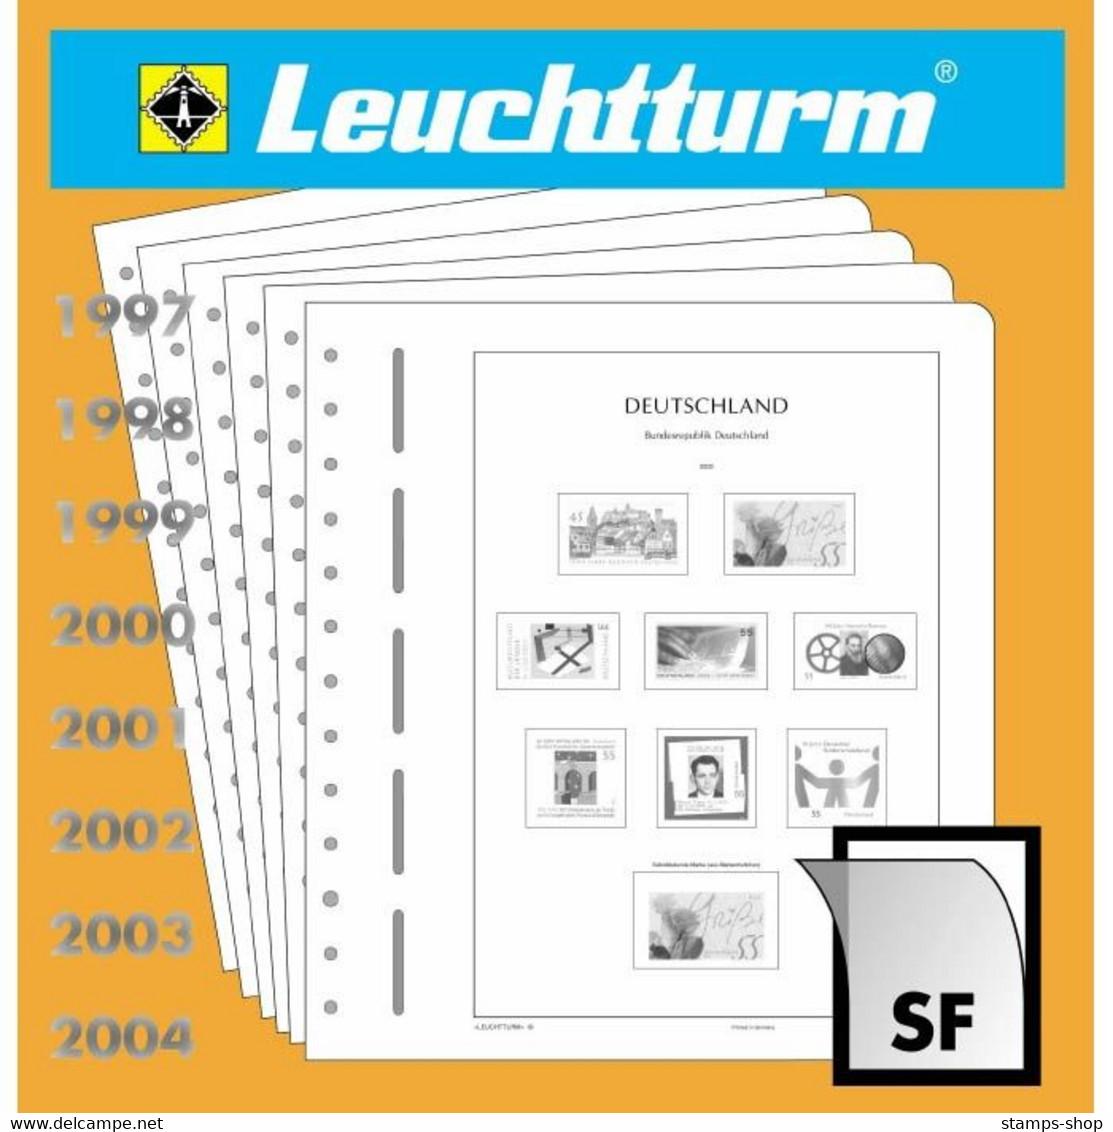 Leuchtturm Nachtrag Deutschland Waagerechte Paare 2005 SF Mit Taschen Neu - Pre-printed Pages